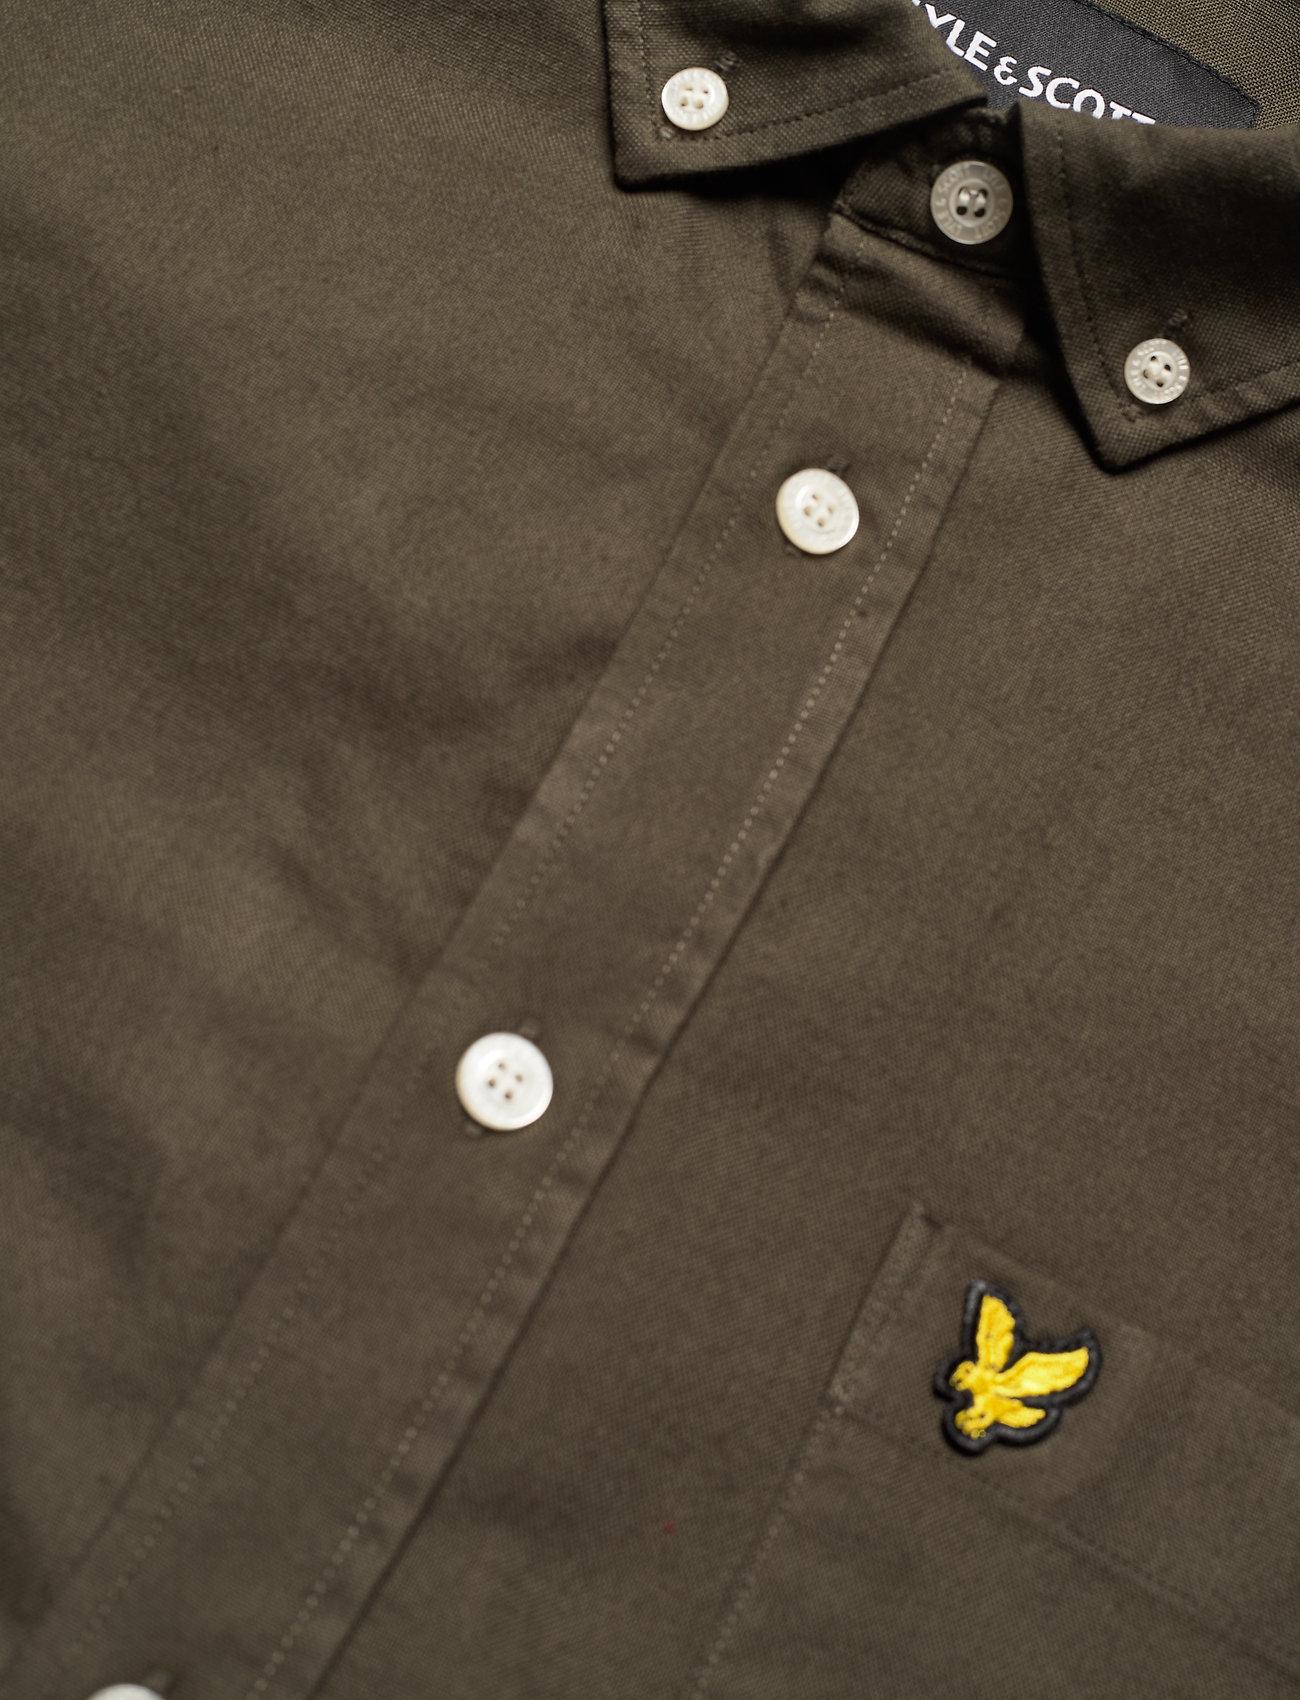 Lyle & Scott Regular Fit Light Weight Oxford Shirt - Skjorter TREK GREEN - Menn Klær